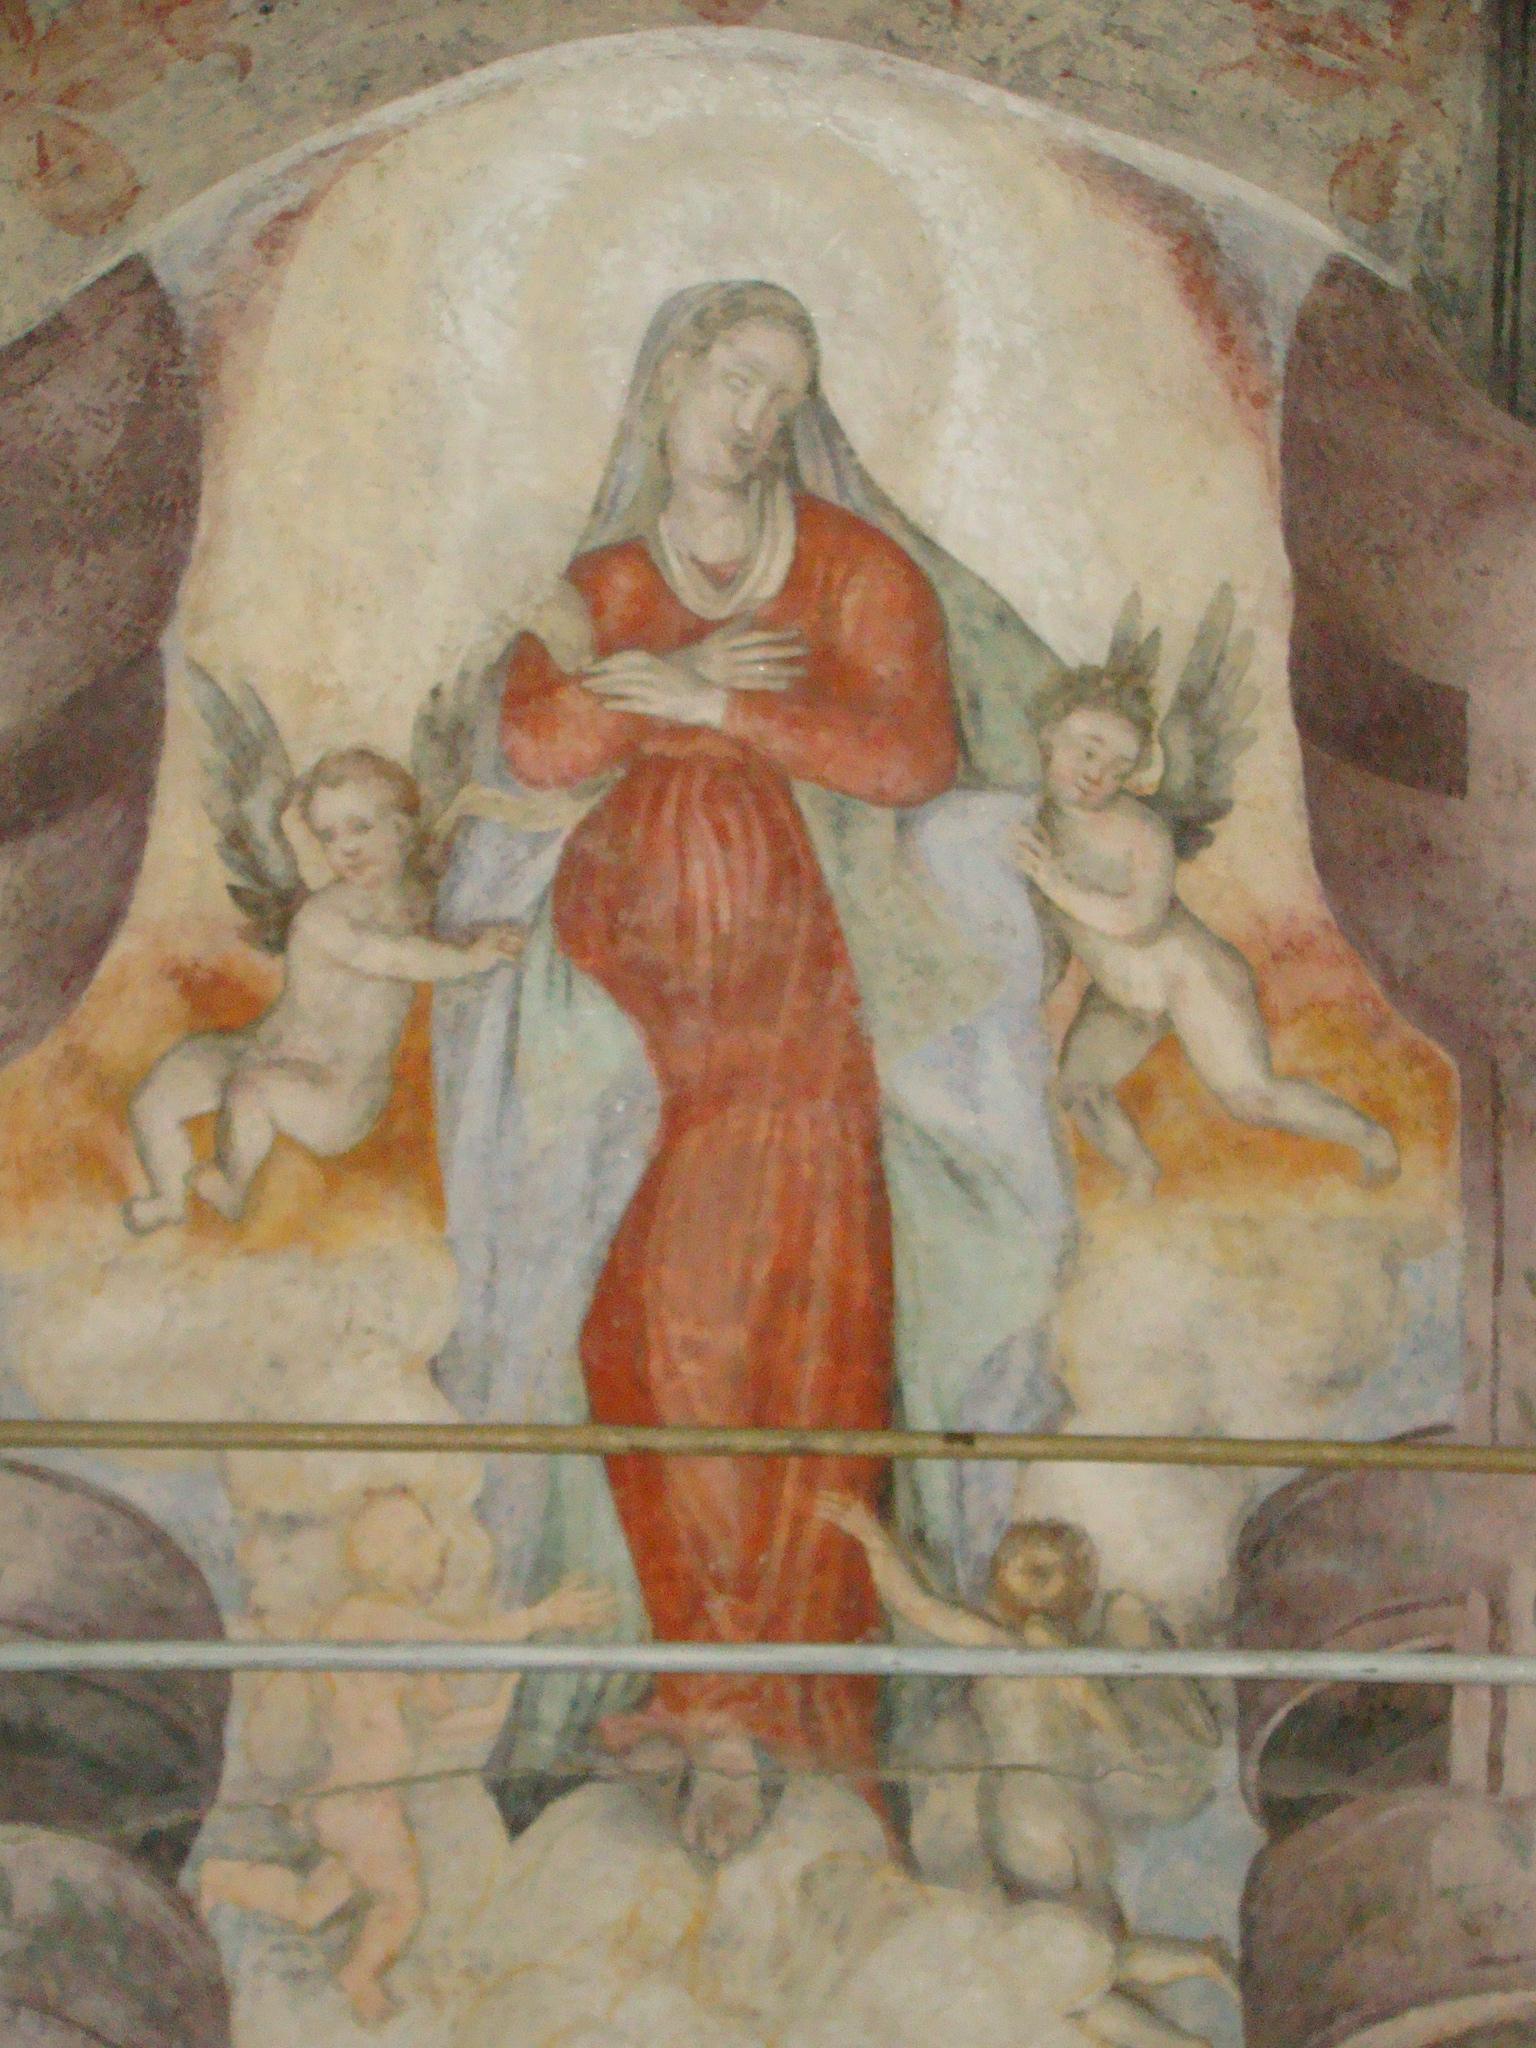 Marijino pričakovanje poroda - spomin